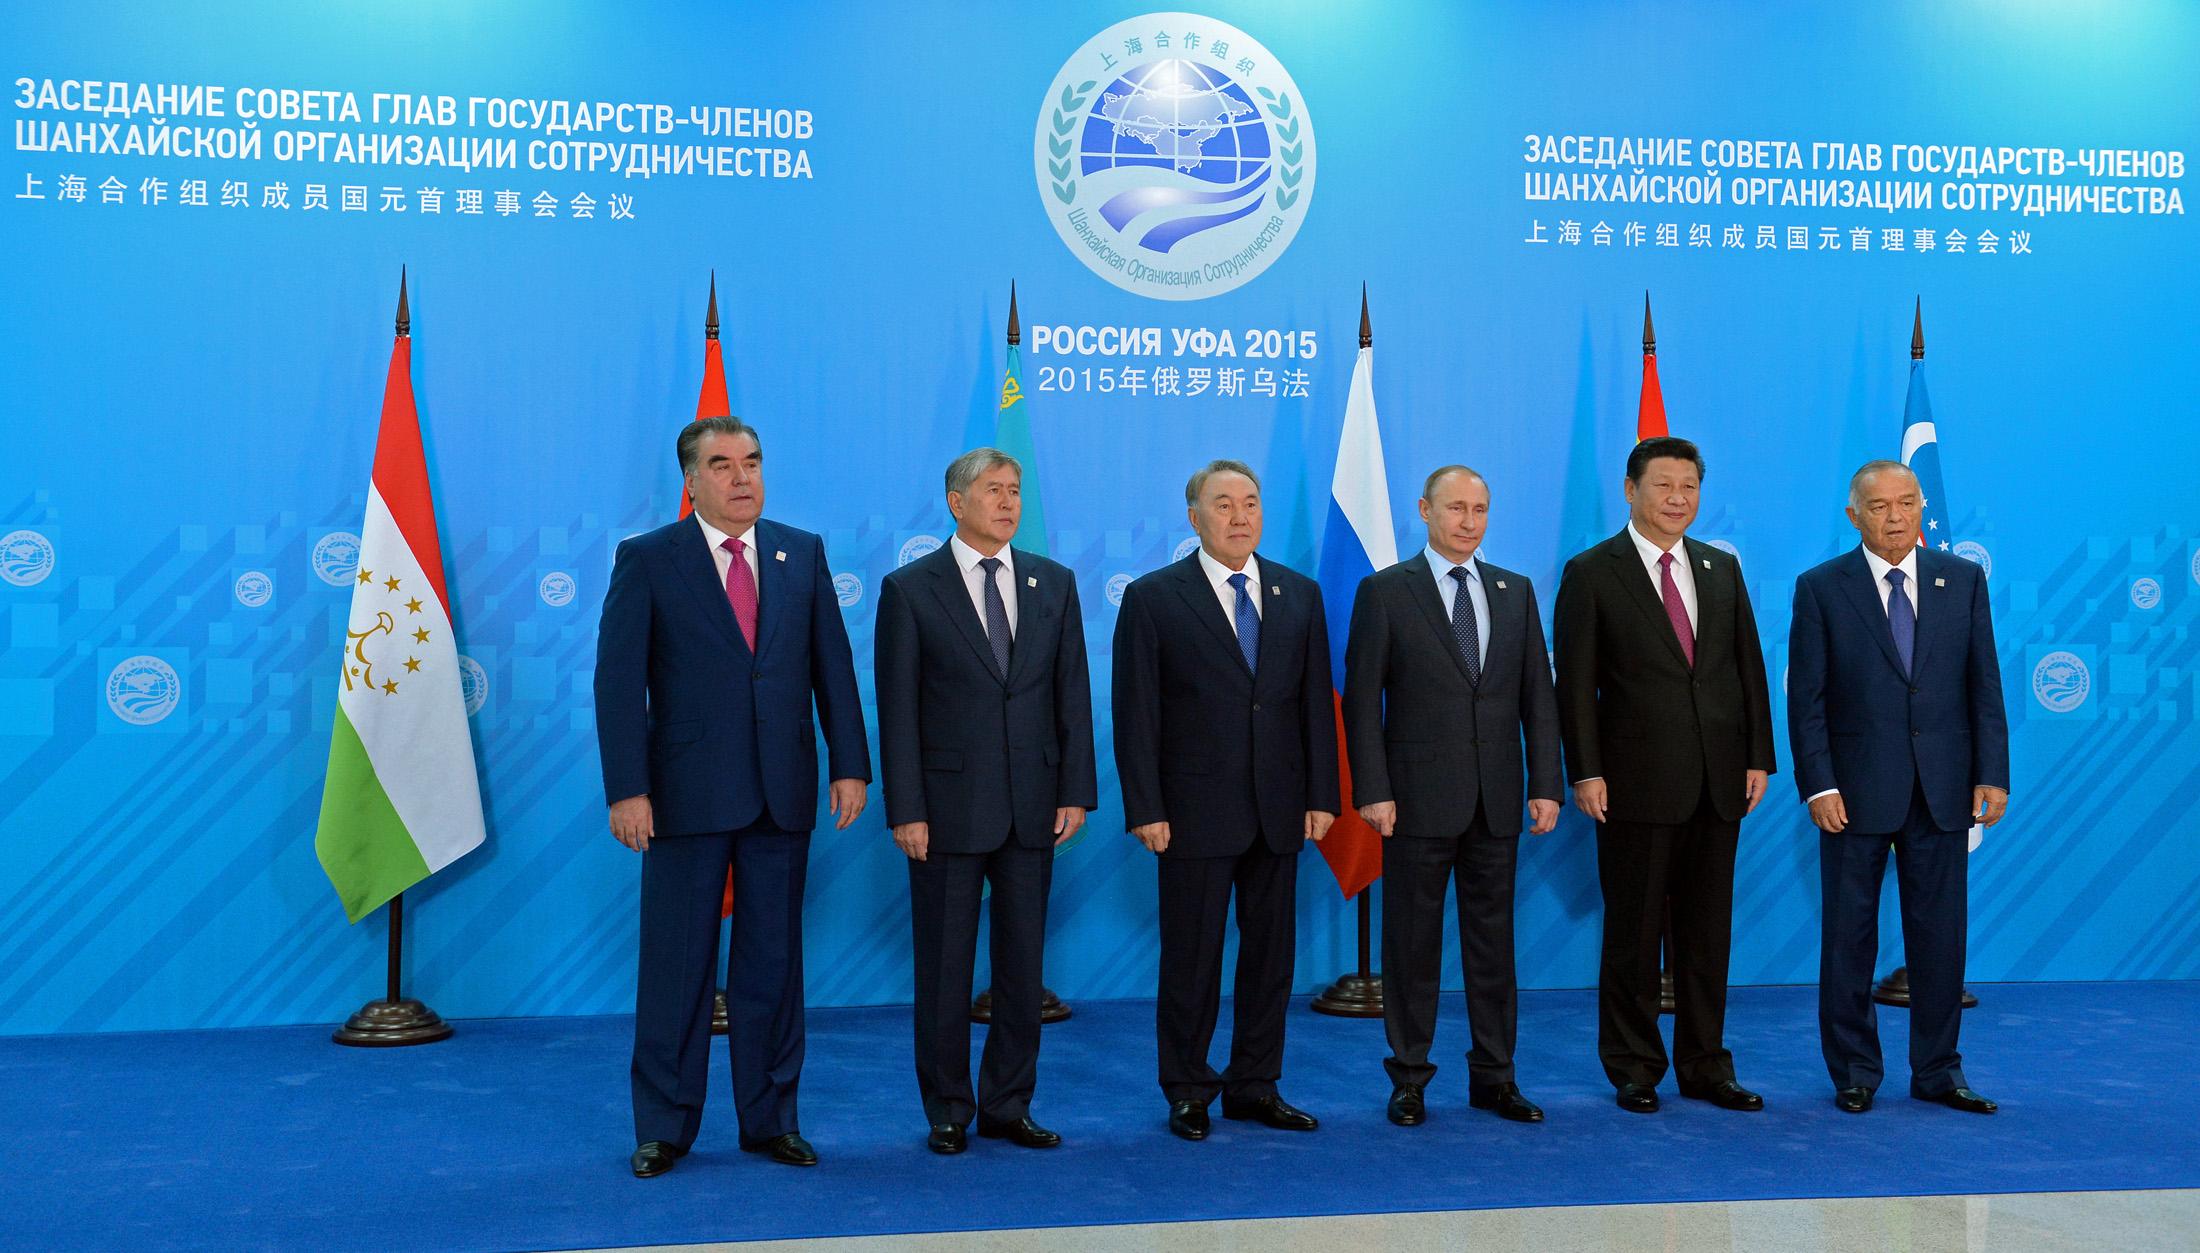 Президенты стран-участниц Шанхайской организации сотрудничества. Слева-направо: Эмомали Рахмон (Таджикистан), Алмазбек Атамбаев (Кыргызстан), Нурсултан Назарбаев (Казахстан), Владимир Путин (Россия), Си Цзиньпинь (Китай) и Ислам Каримов (Узбекистан).